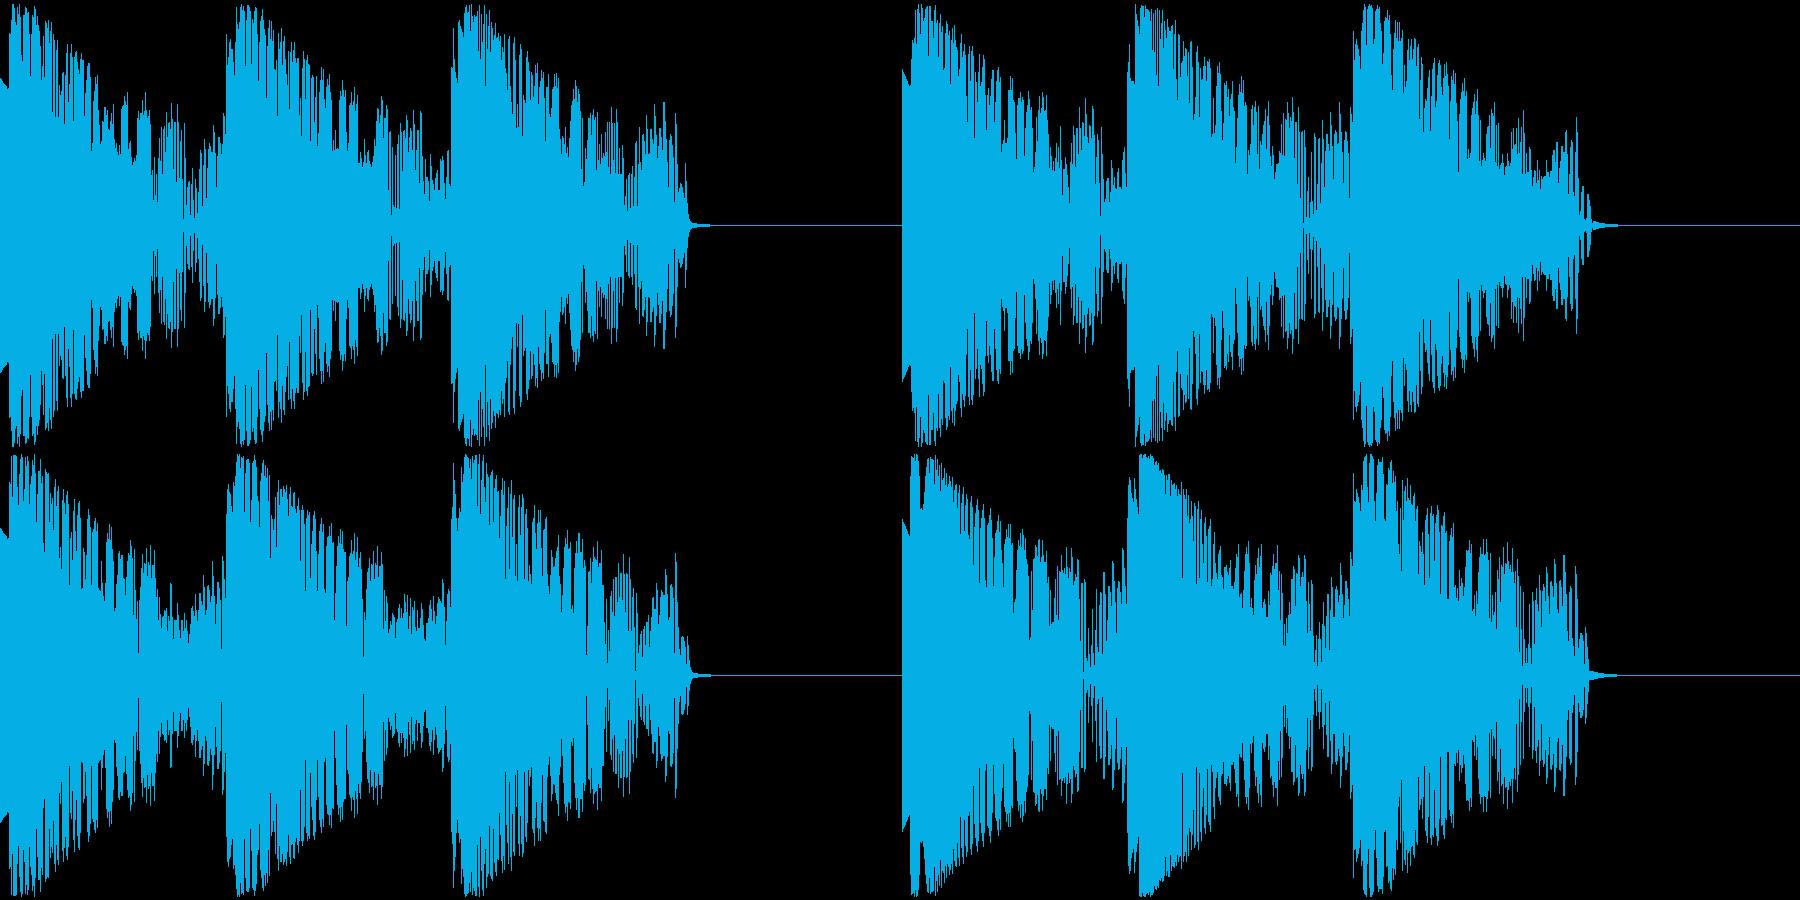 サイレン音の再生済みの波形